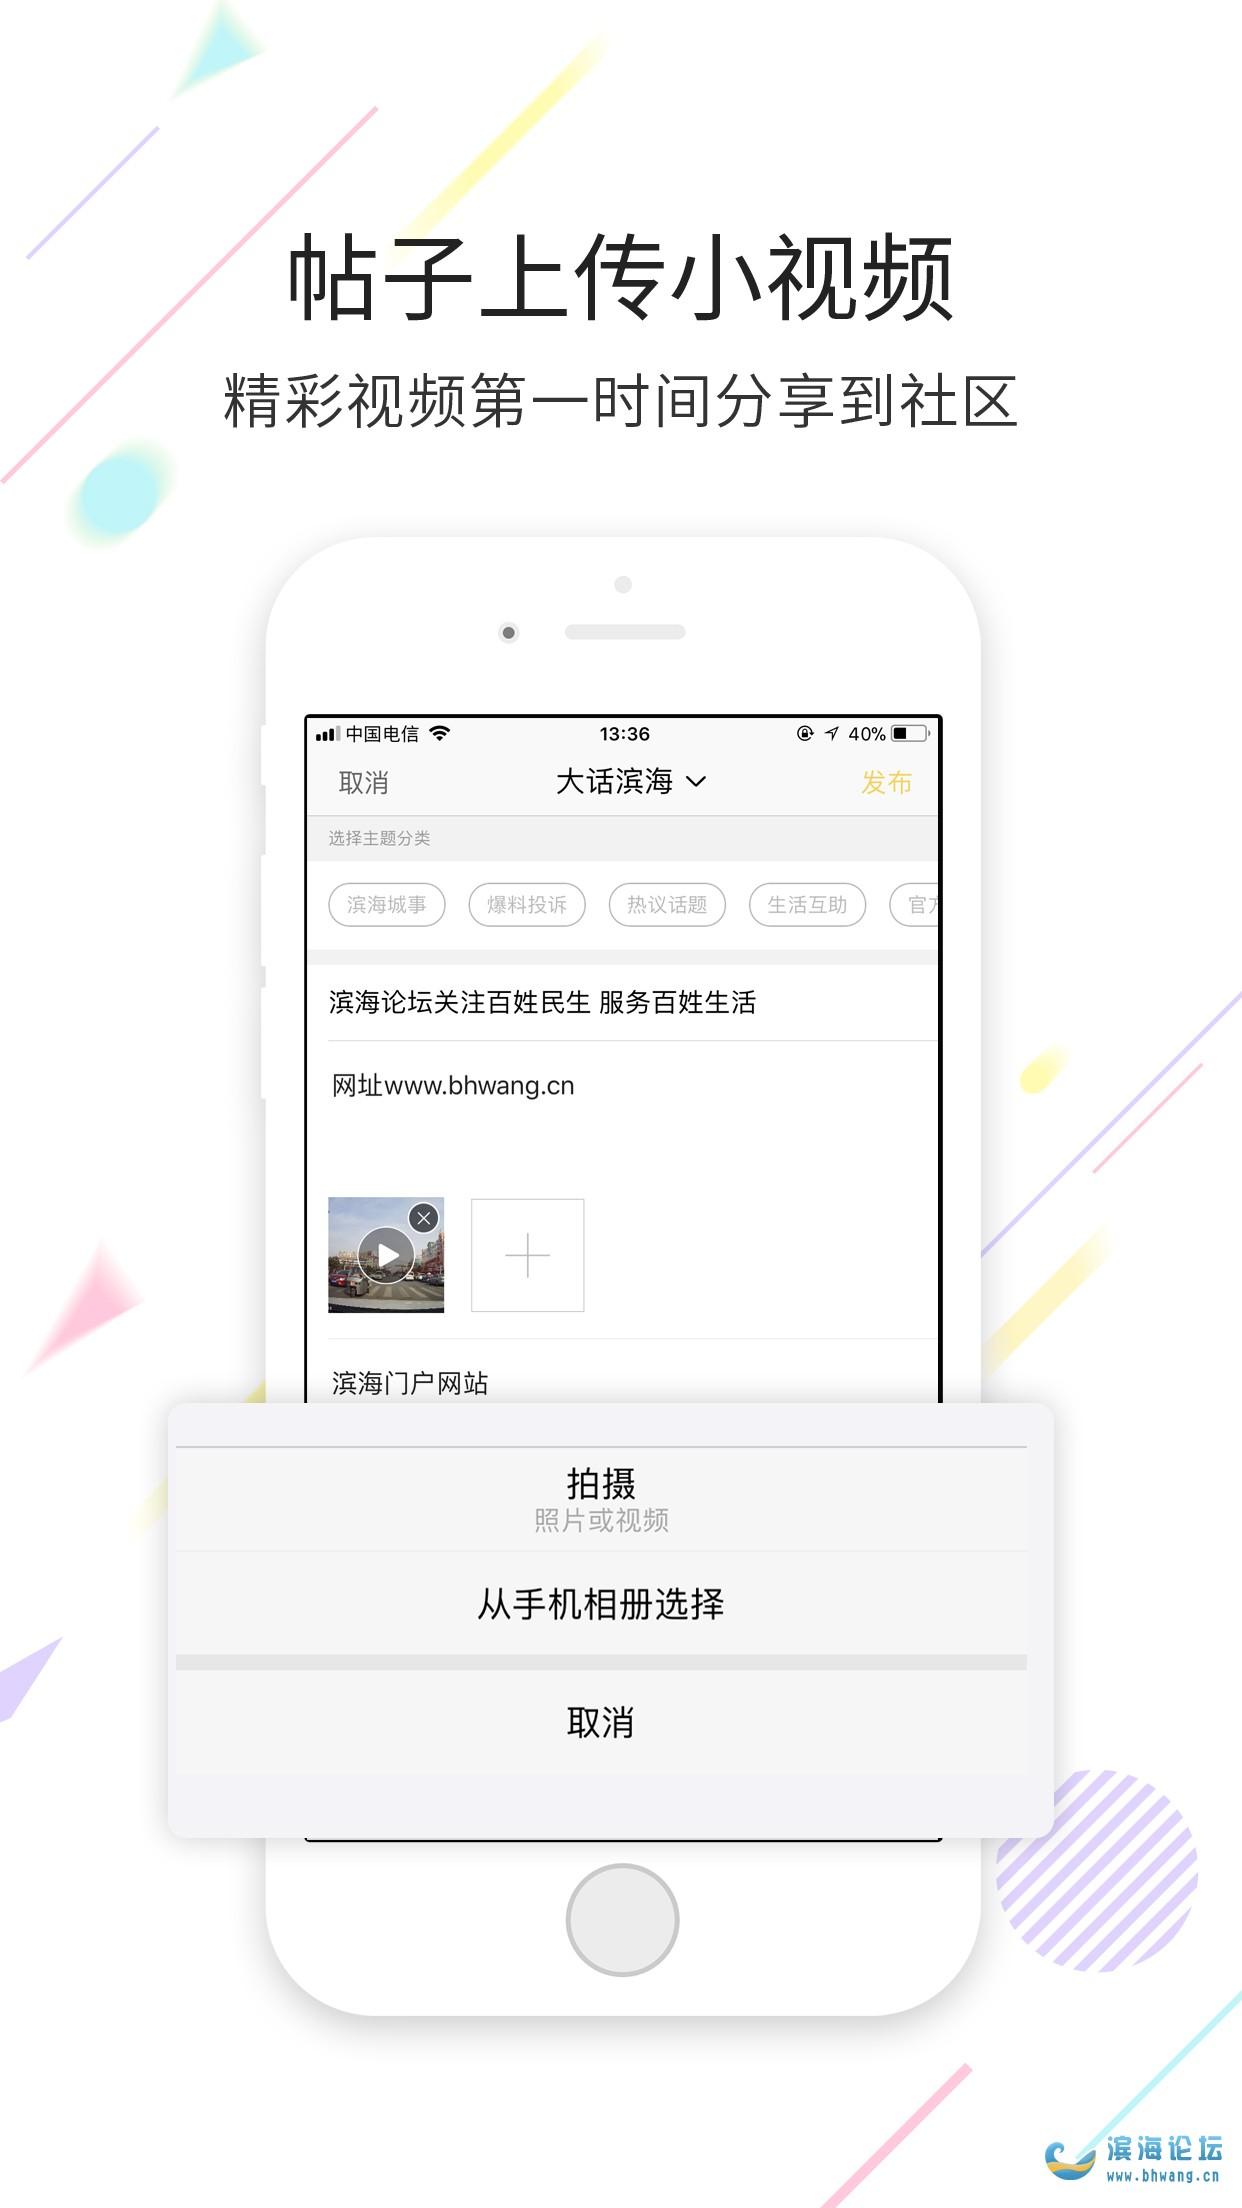 滨海论坛红包雨第一期:15:30--16:30